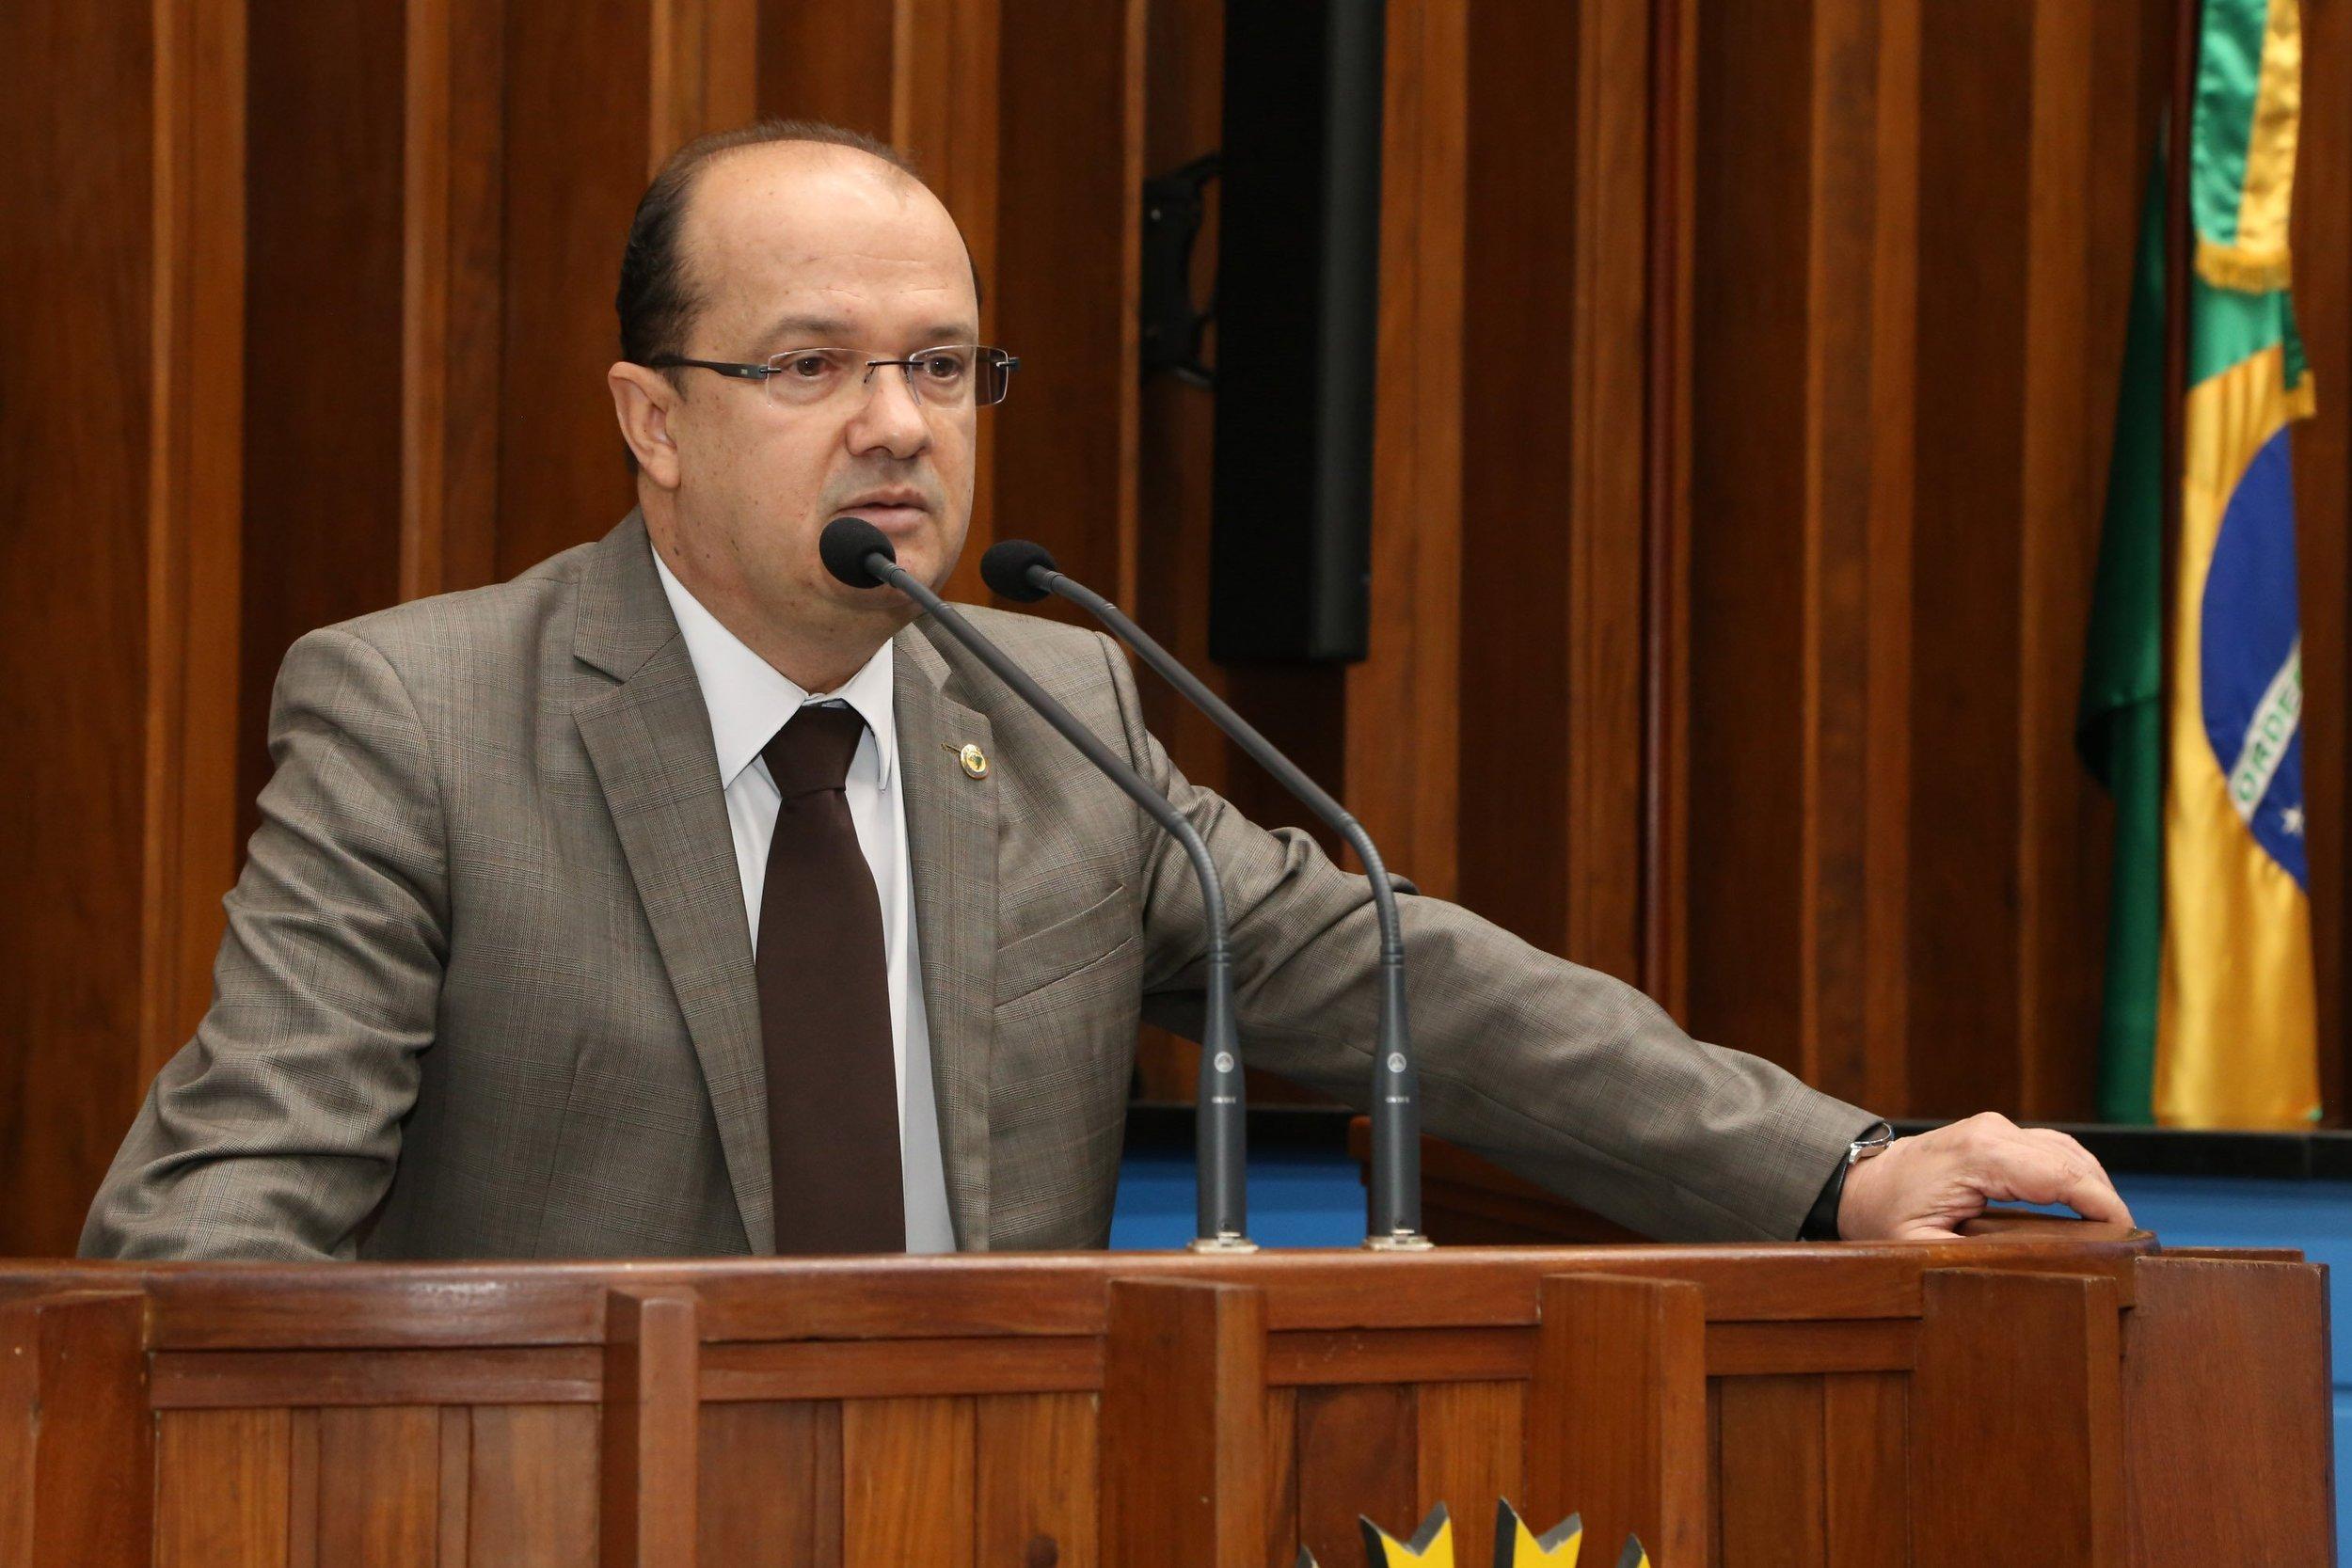 Deputado defende a simplificação das regras tributárias atuaisFoto: Victor Chileno